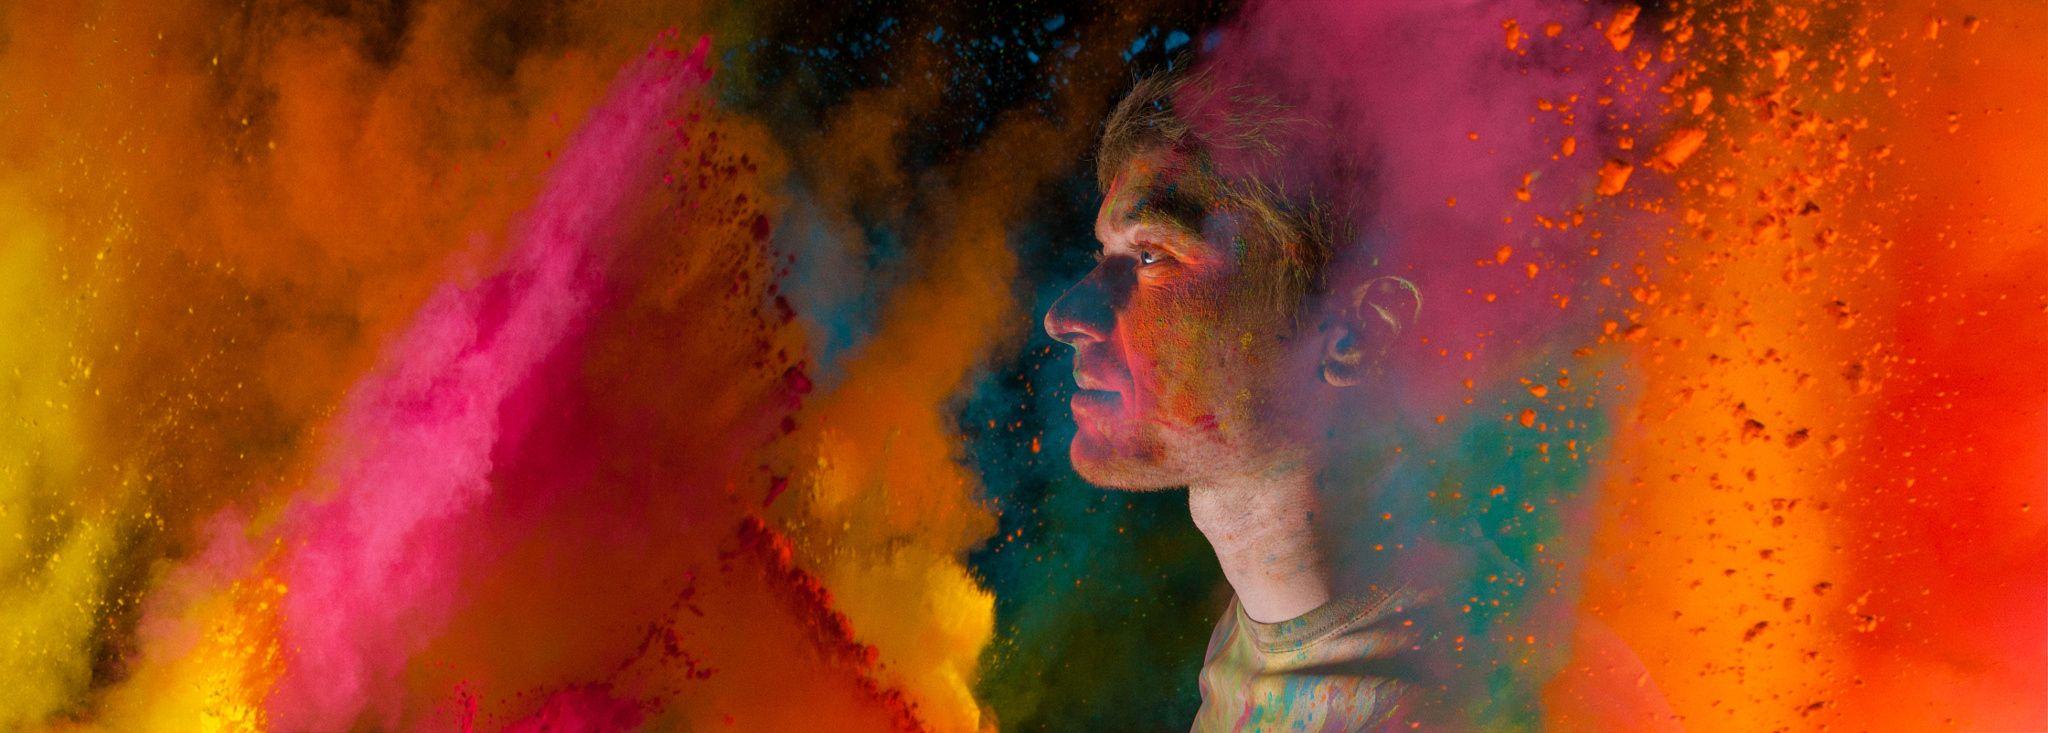 couleur portrait holi poudre panoramique